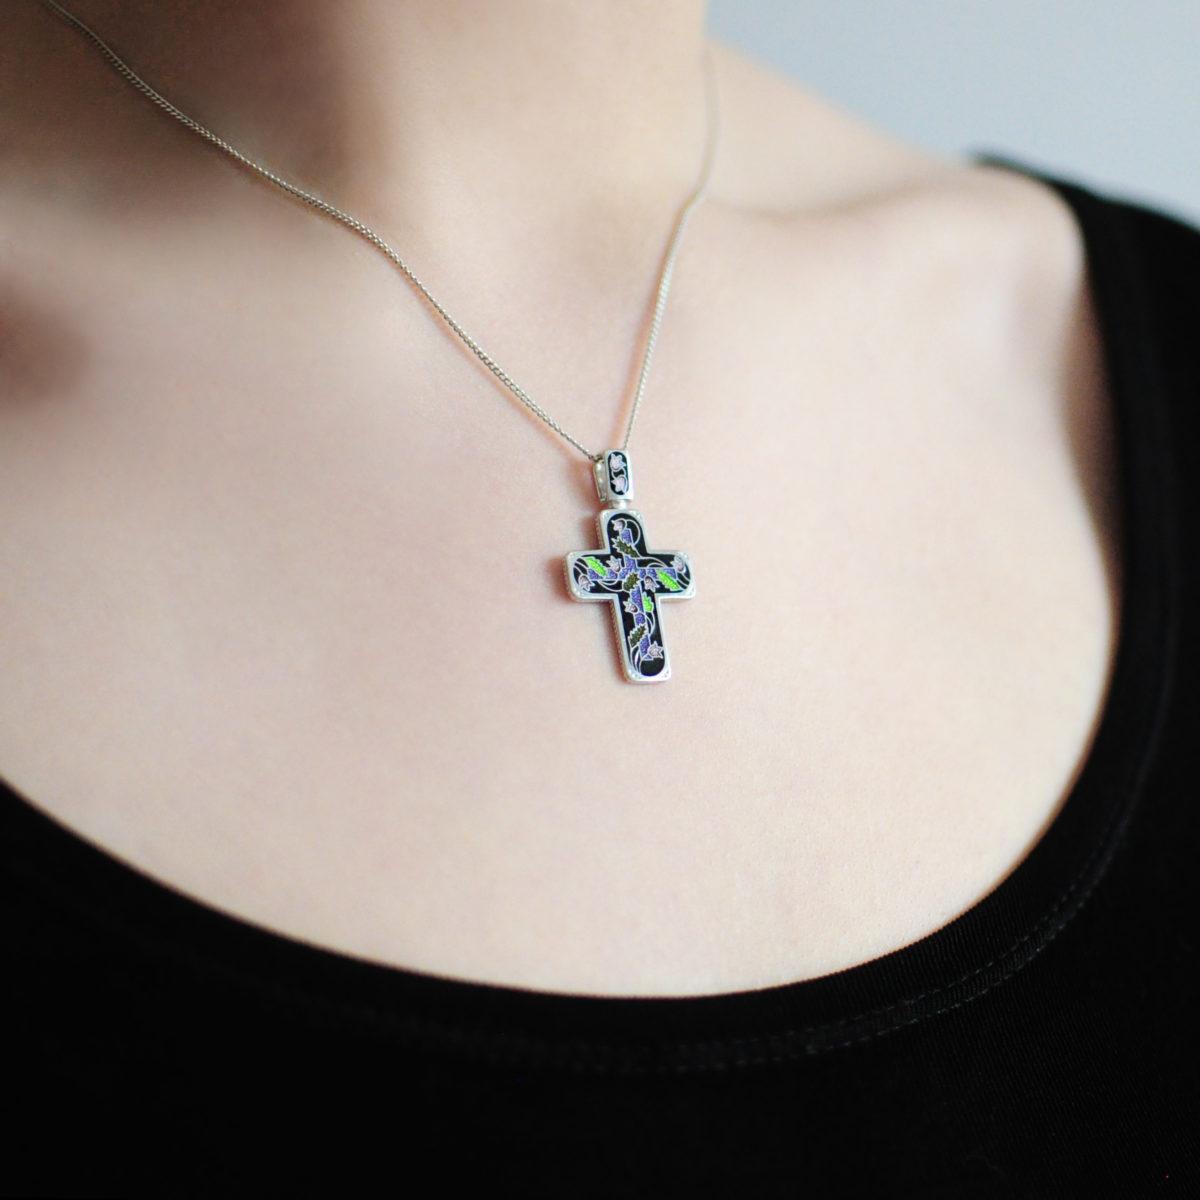 serebro chernaya 1 1200x1200 - Нательный крест «Спас на крови», черный